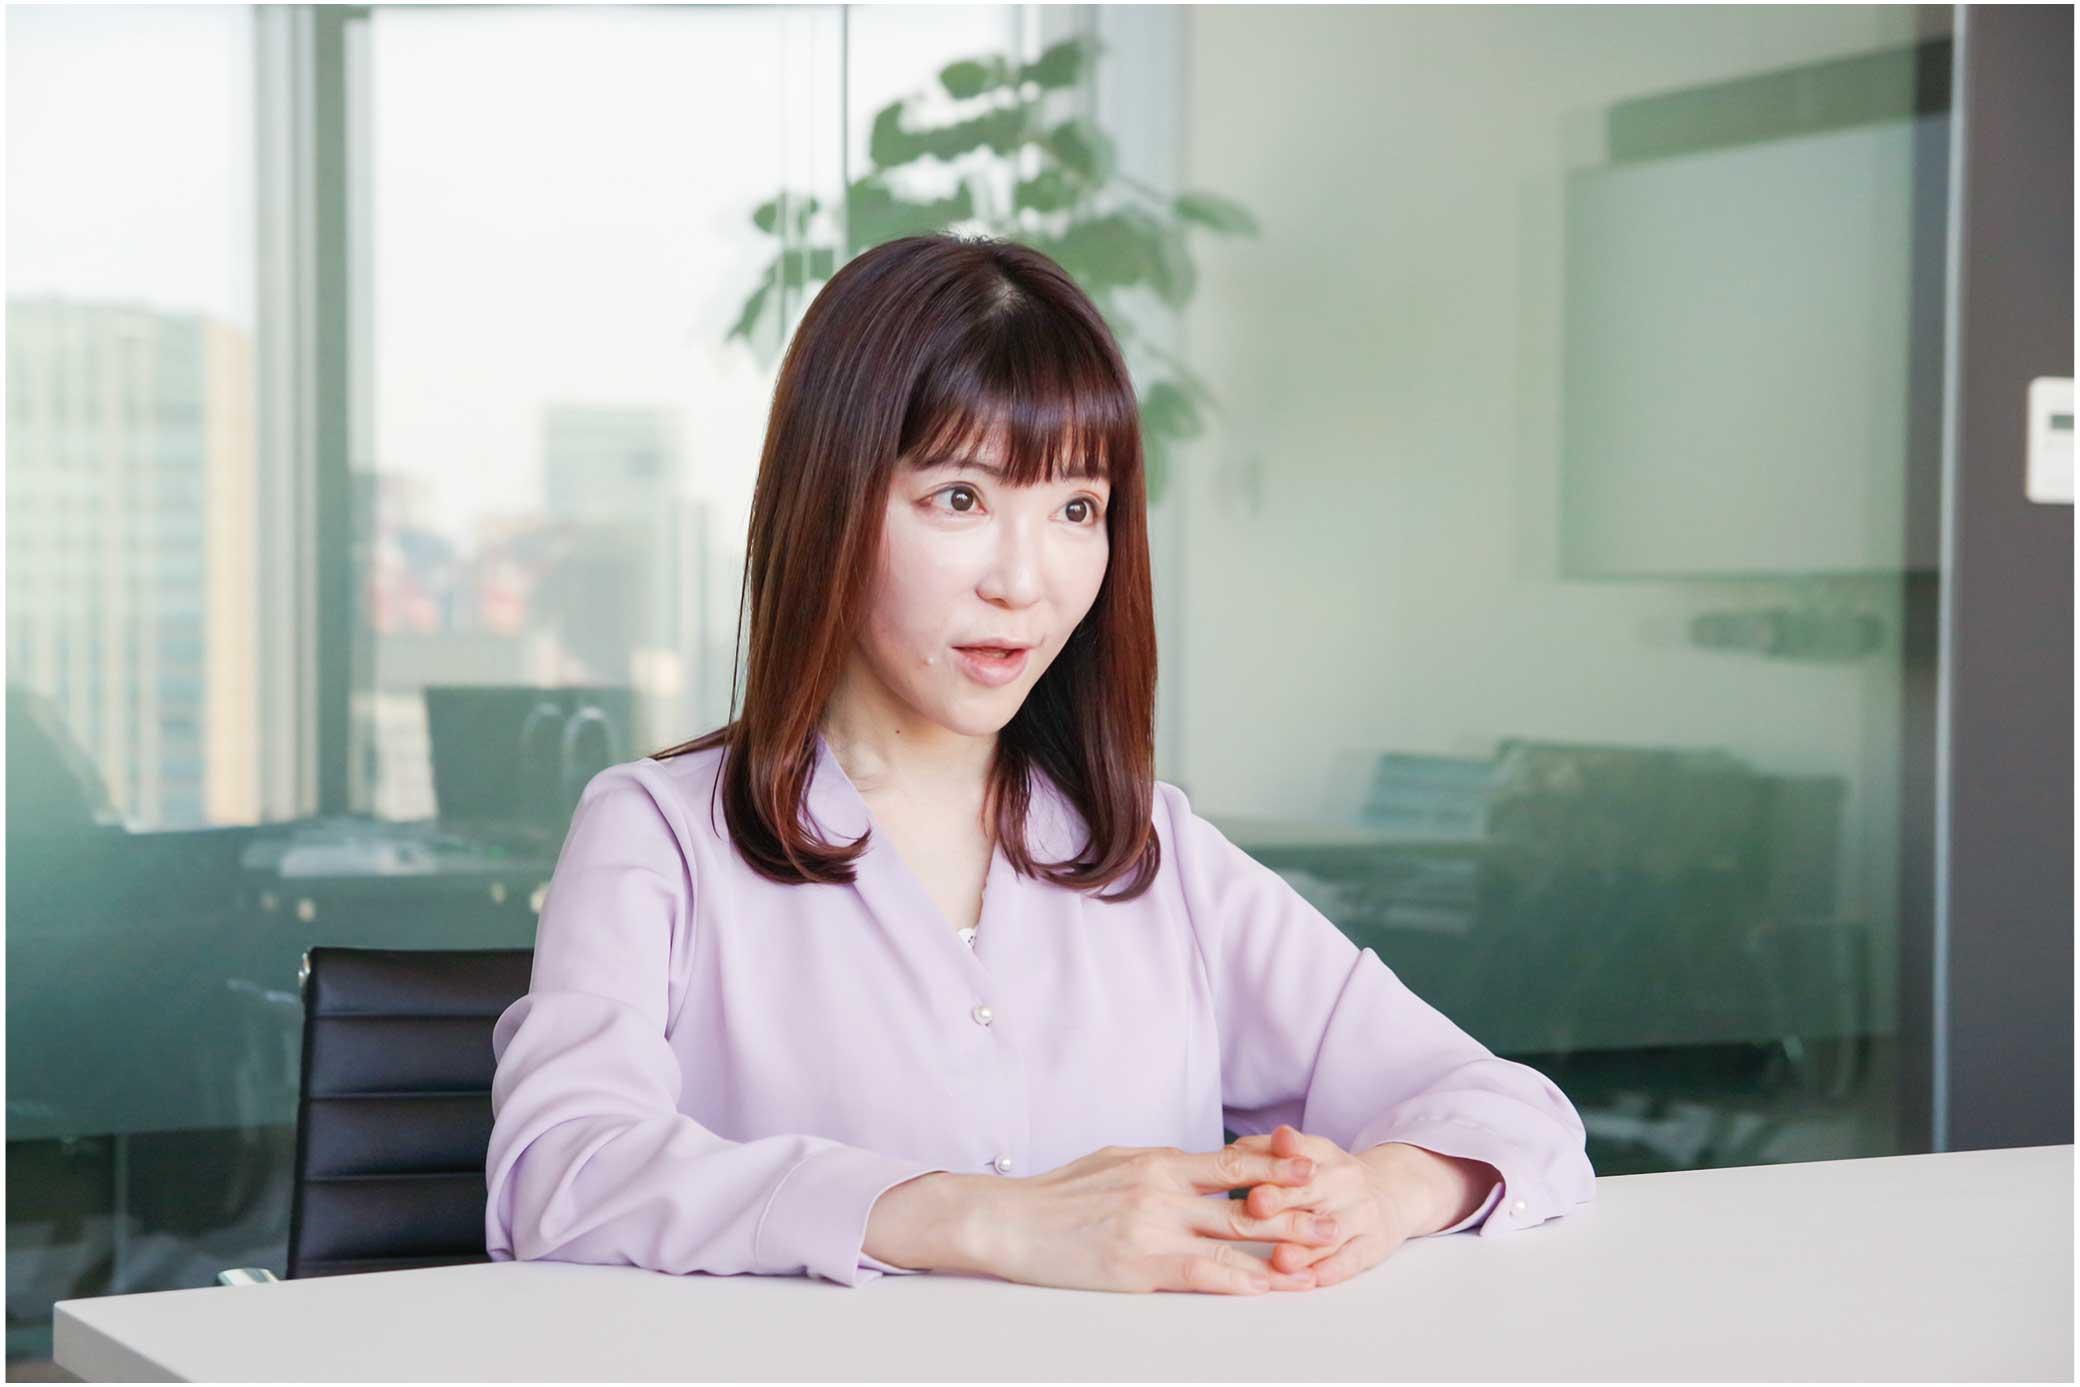 【マーケターインタビュー】女性起業家に学ぶビジネスの発展と永続。鍵は「あったらいいな」より「必然性」(2019年6月号)